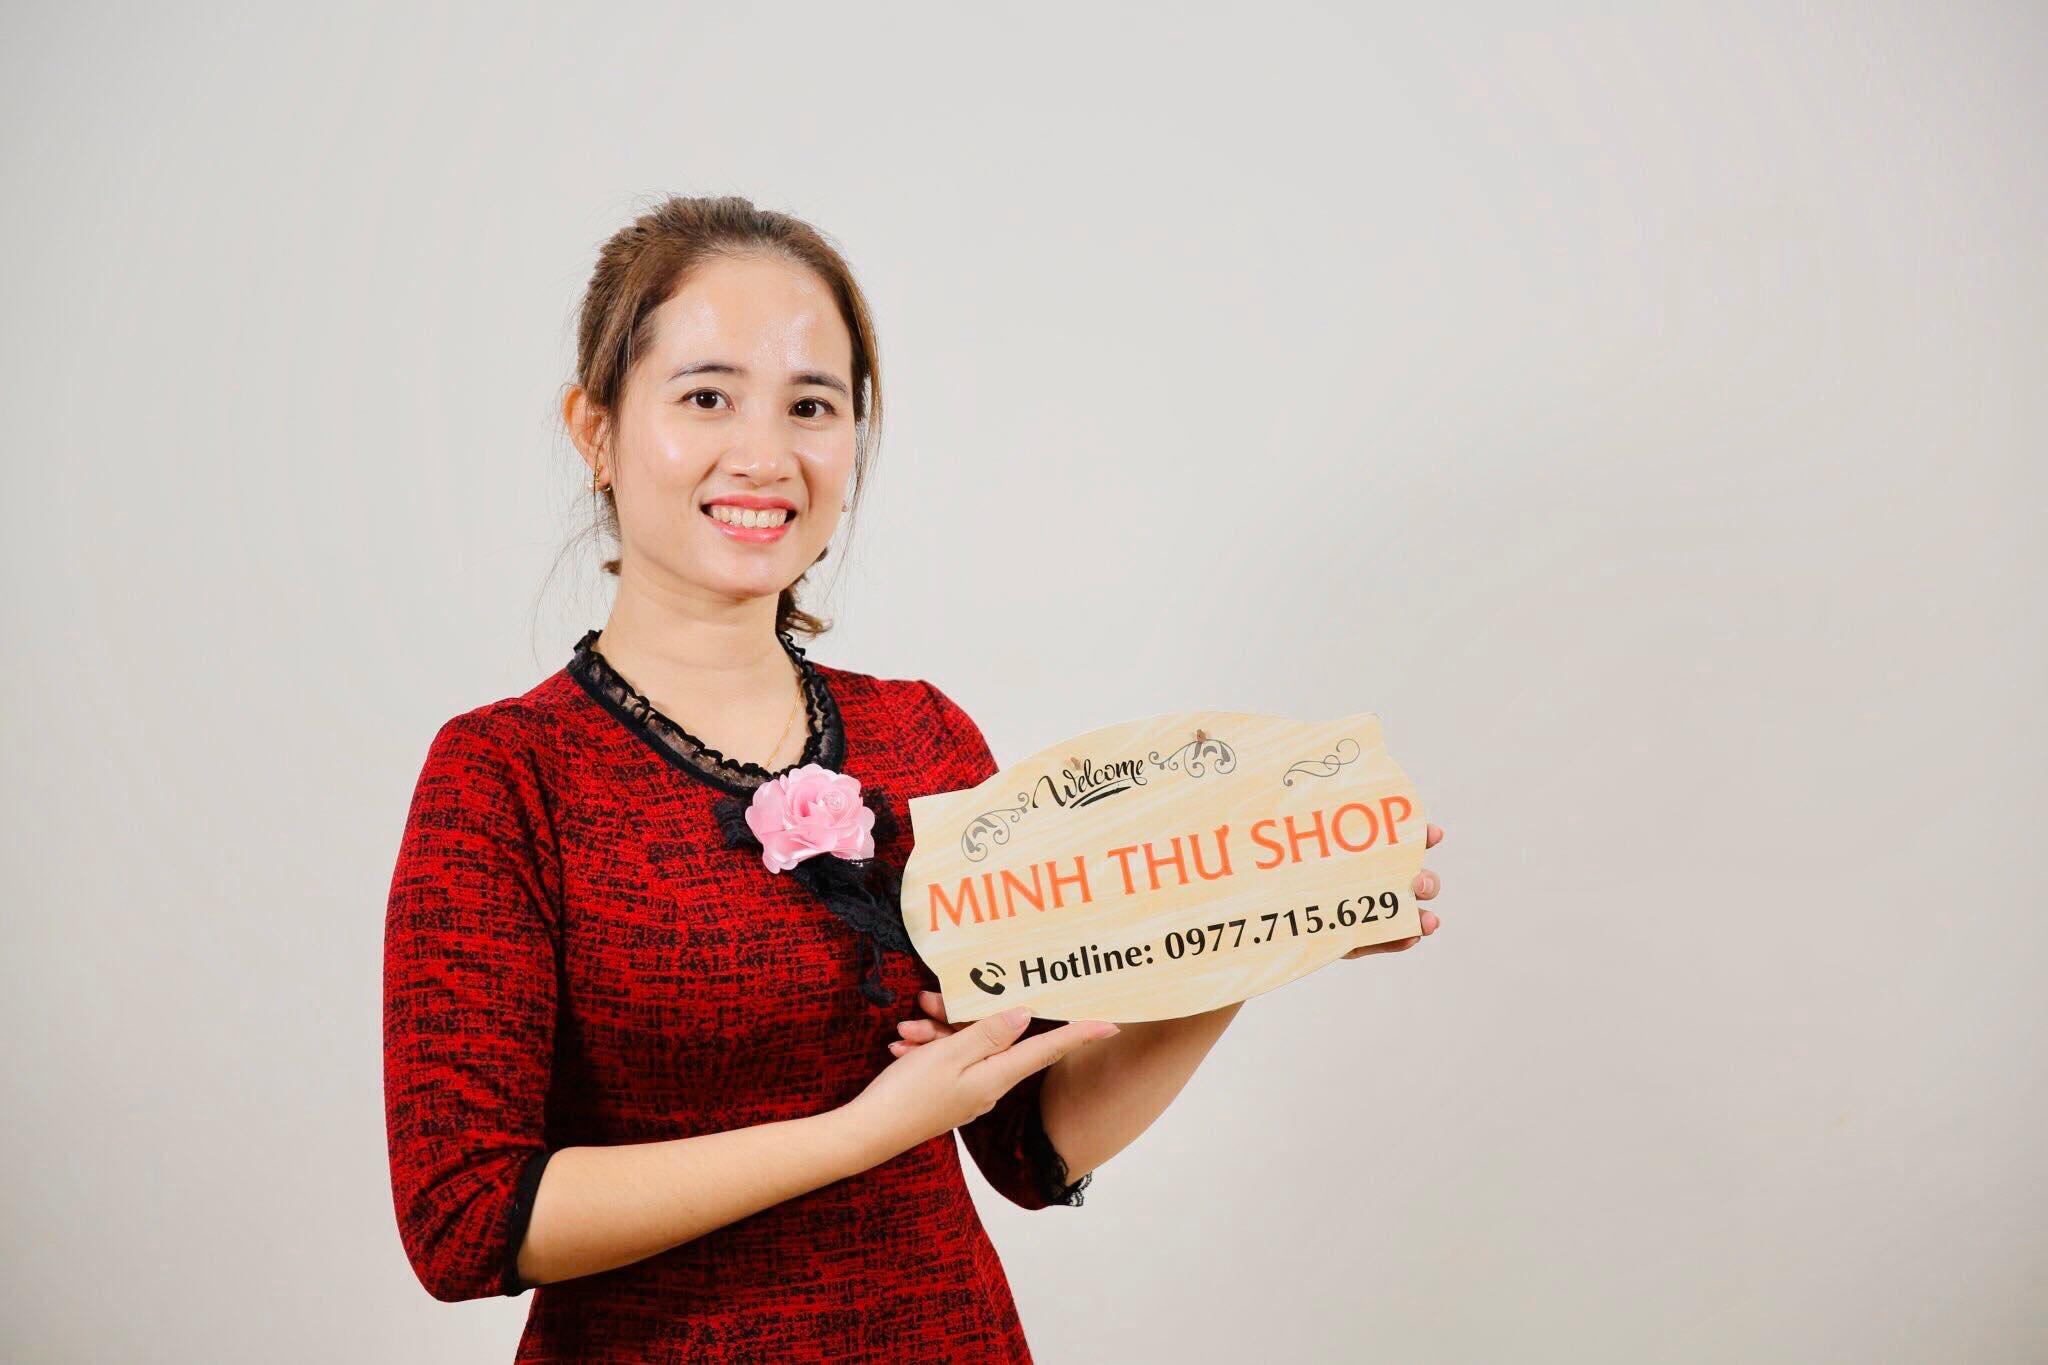 Minh Thư Shop – Trang bán hàng uy tín thời kỳ công nghệ số.